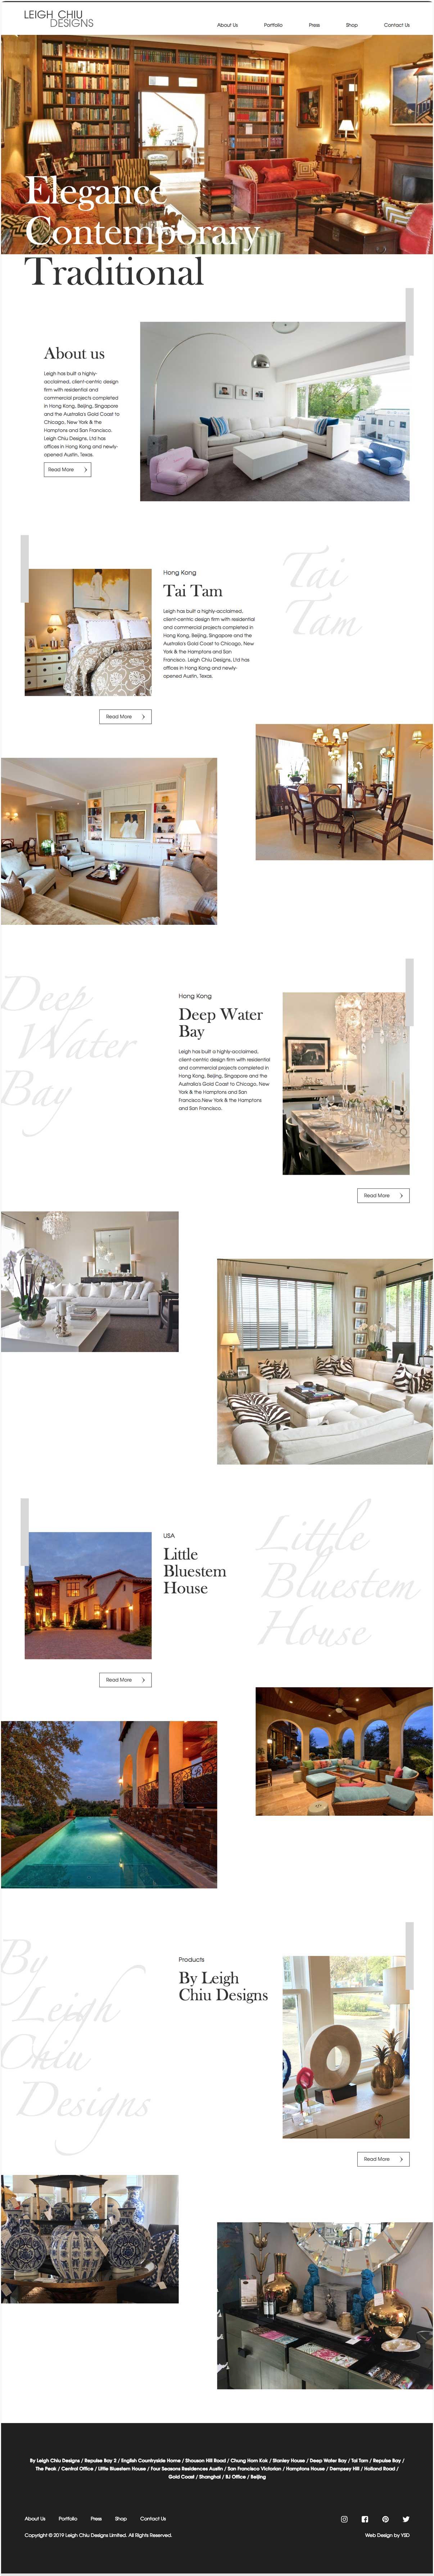 Web Design Leigh Chiu Design